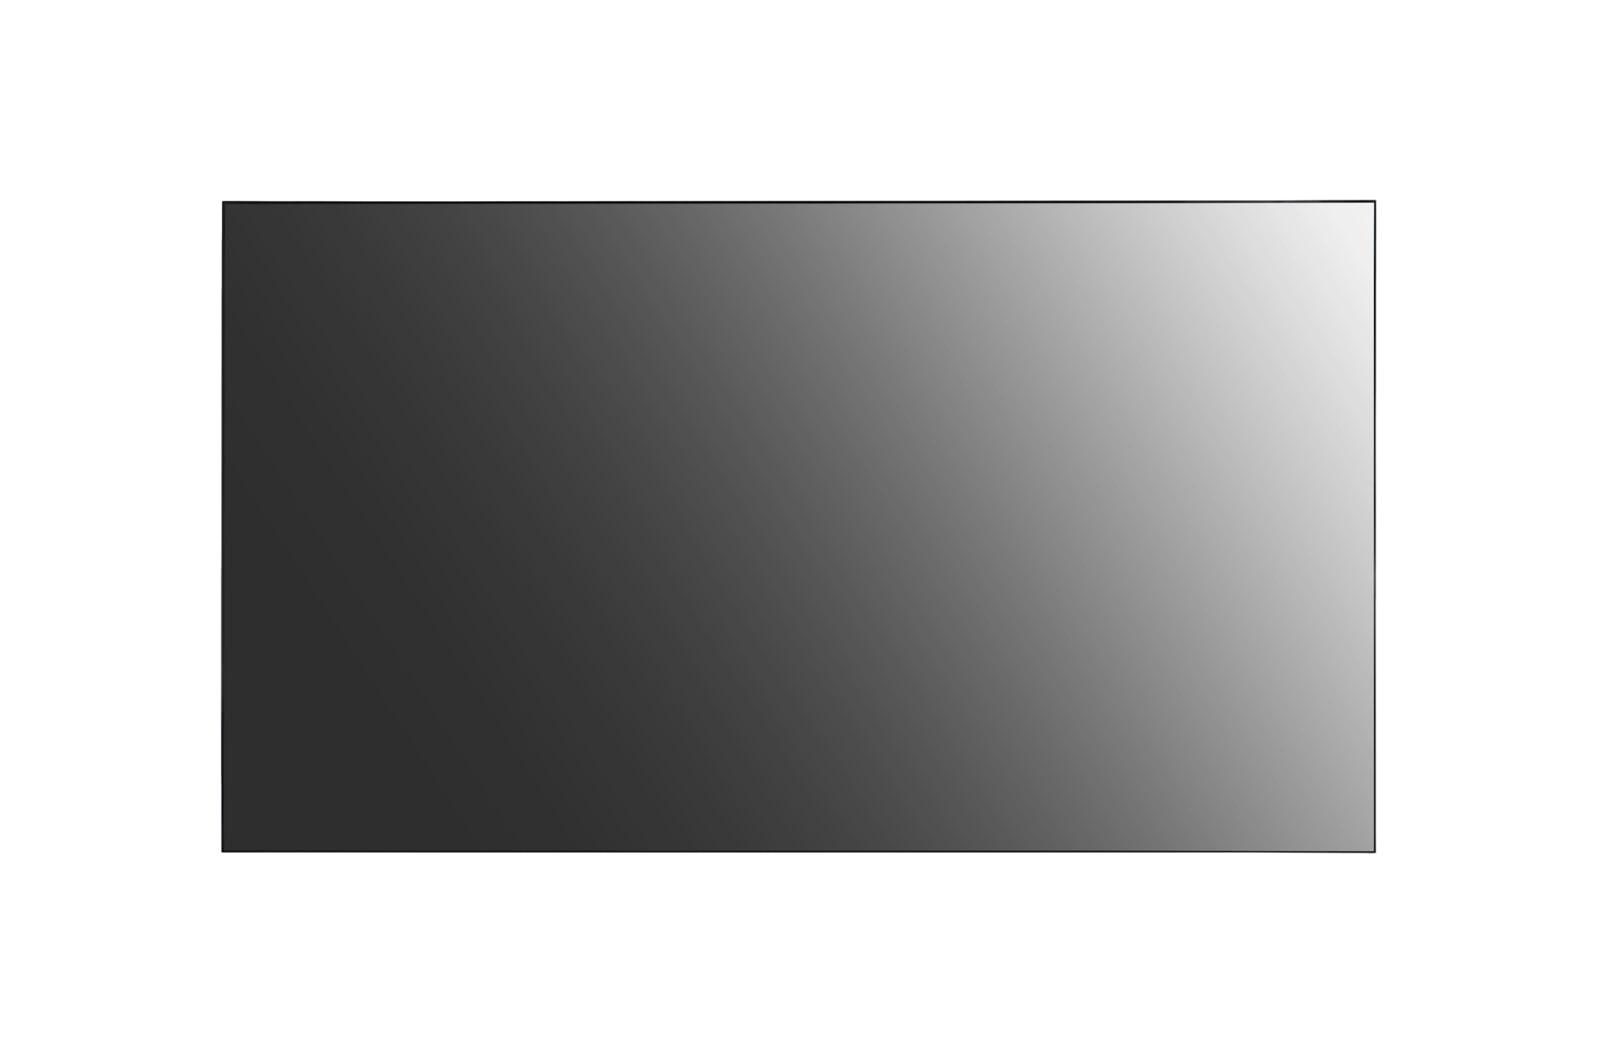 LG 49VL5F Series, 49VL5F-A